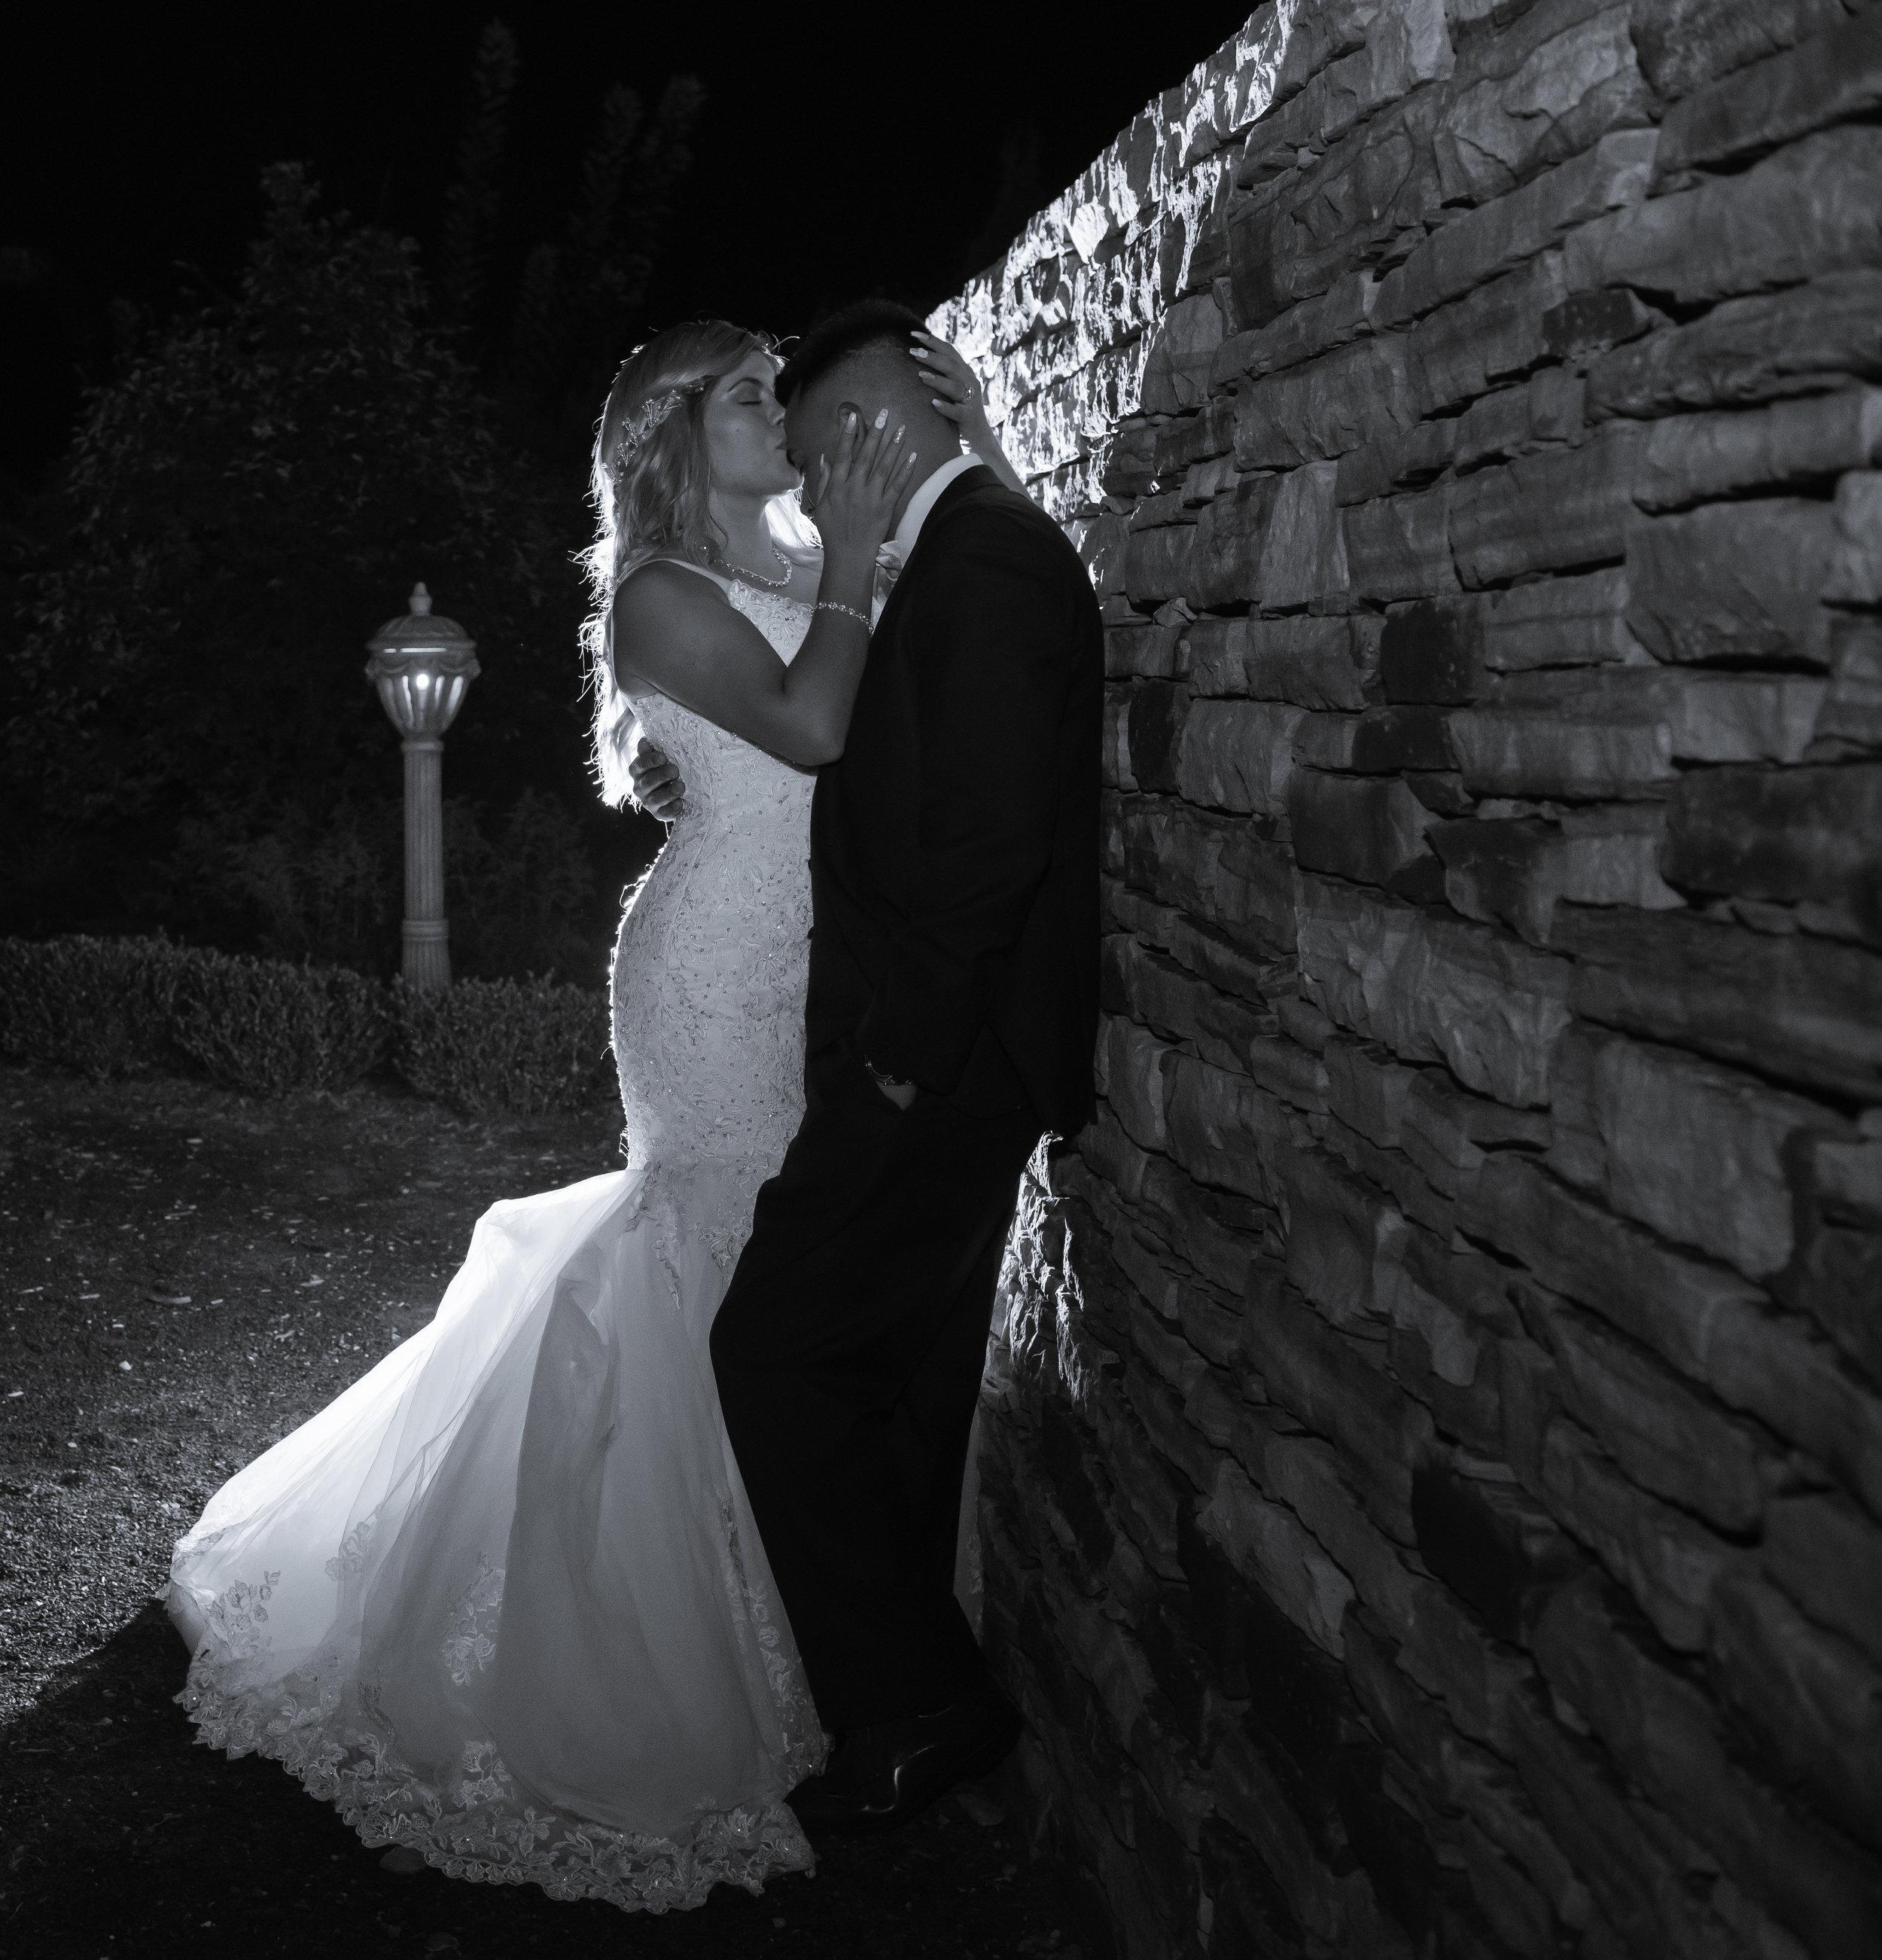 The Irish Garden wedding at Wickham park in Manchester, CT